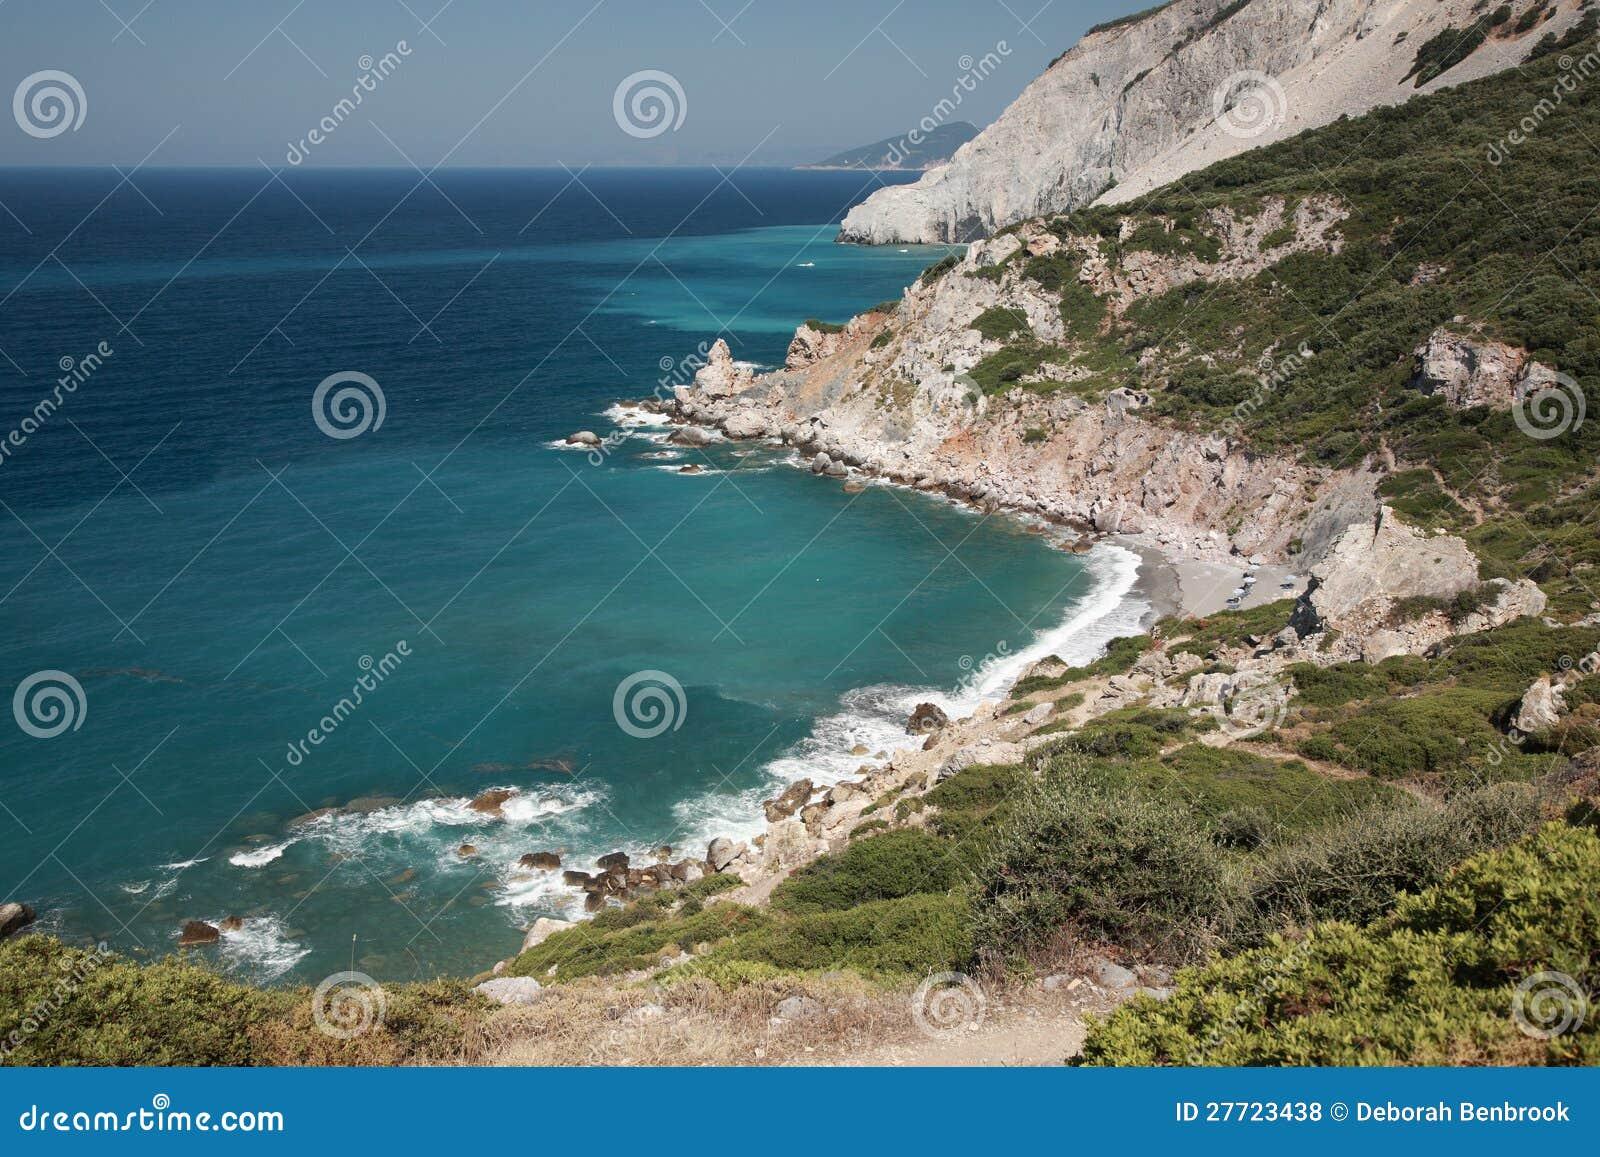 Looking down onto a Skiathos beach